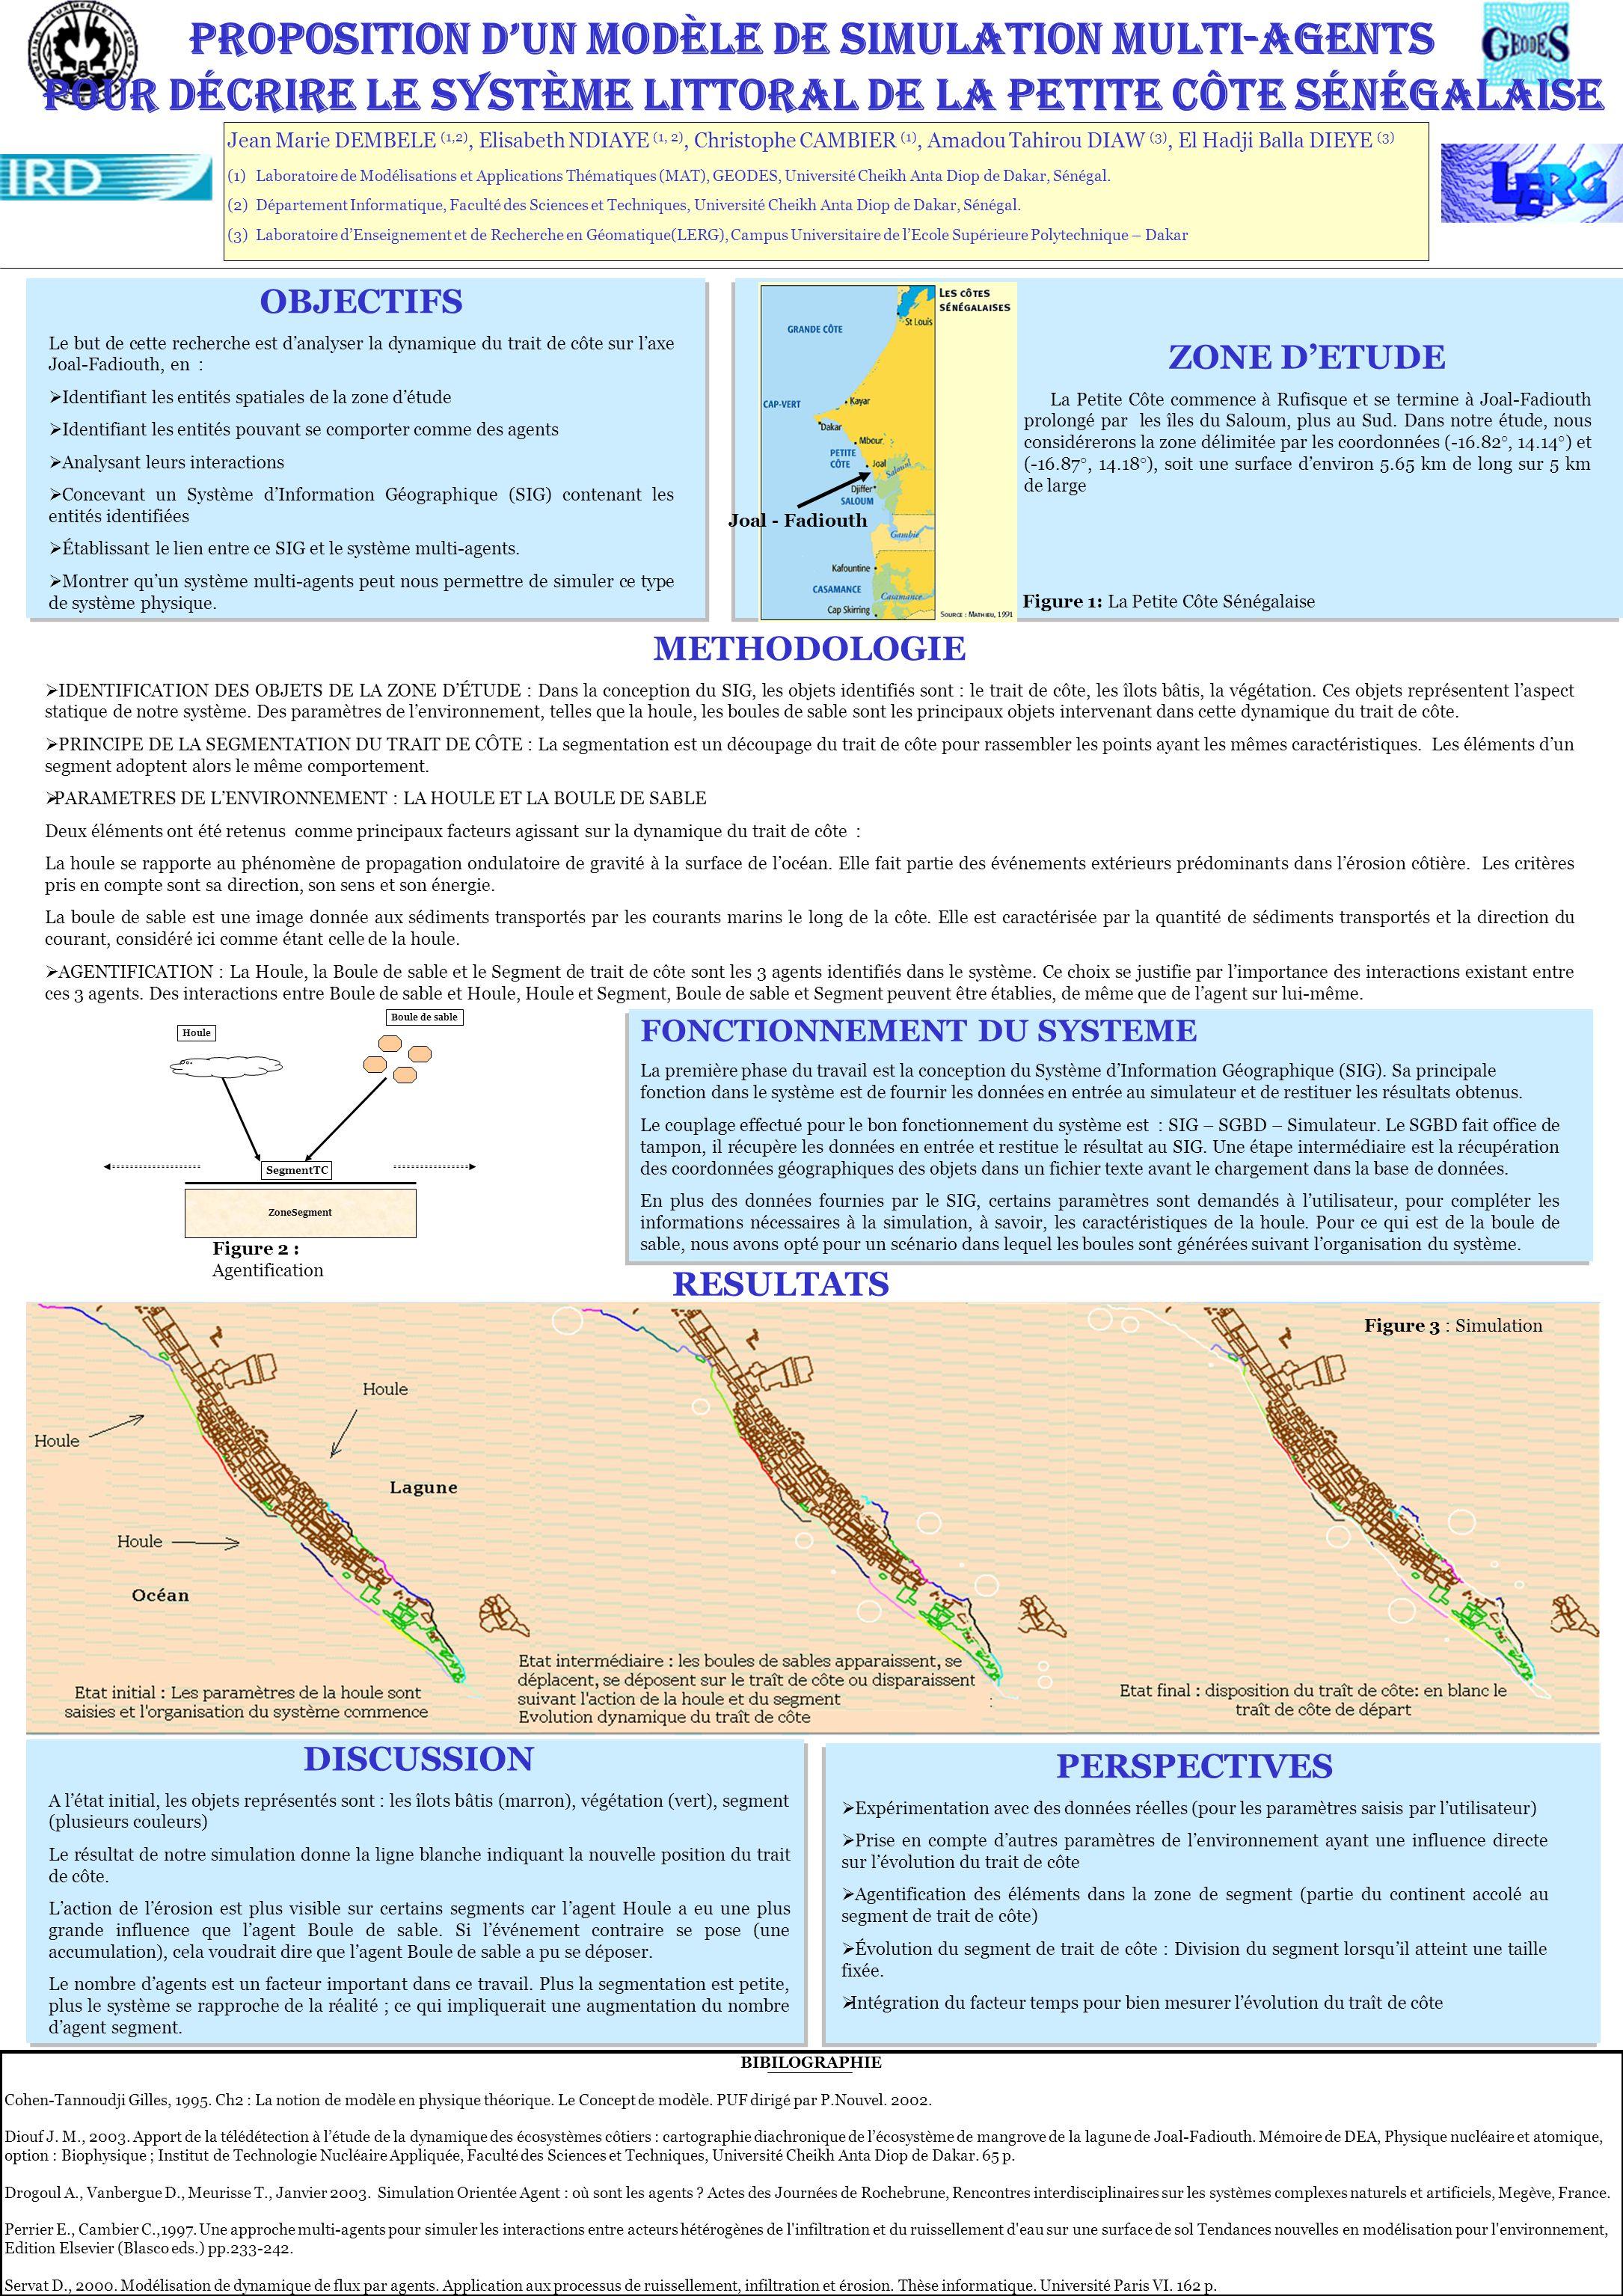 Proposition dun modèle de simulation multi-agentS pour décrire le système littoral de la Petite Côte sénégalaise Jean Marie DEMBELE (1,2), Elisabeth NDIAYE (1, 2), Christophe CAMBIER (1), Amadou Tahirou DIAW (3), El Hadji Balla DIEYE (3) (1) Laboratoire de Modélisations et Applications Thématiques (MAT), GEODES, Université Cheikh Anta Diop de Dakar, Sénégal.